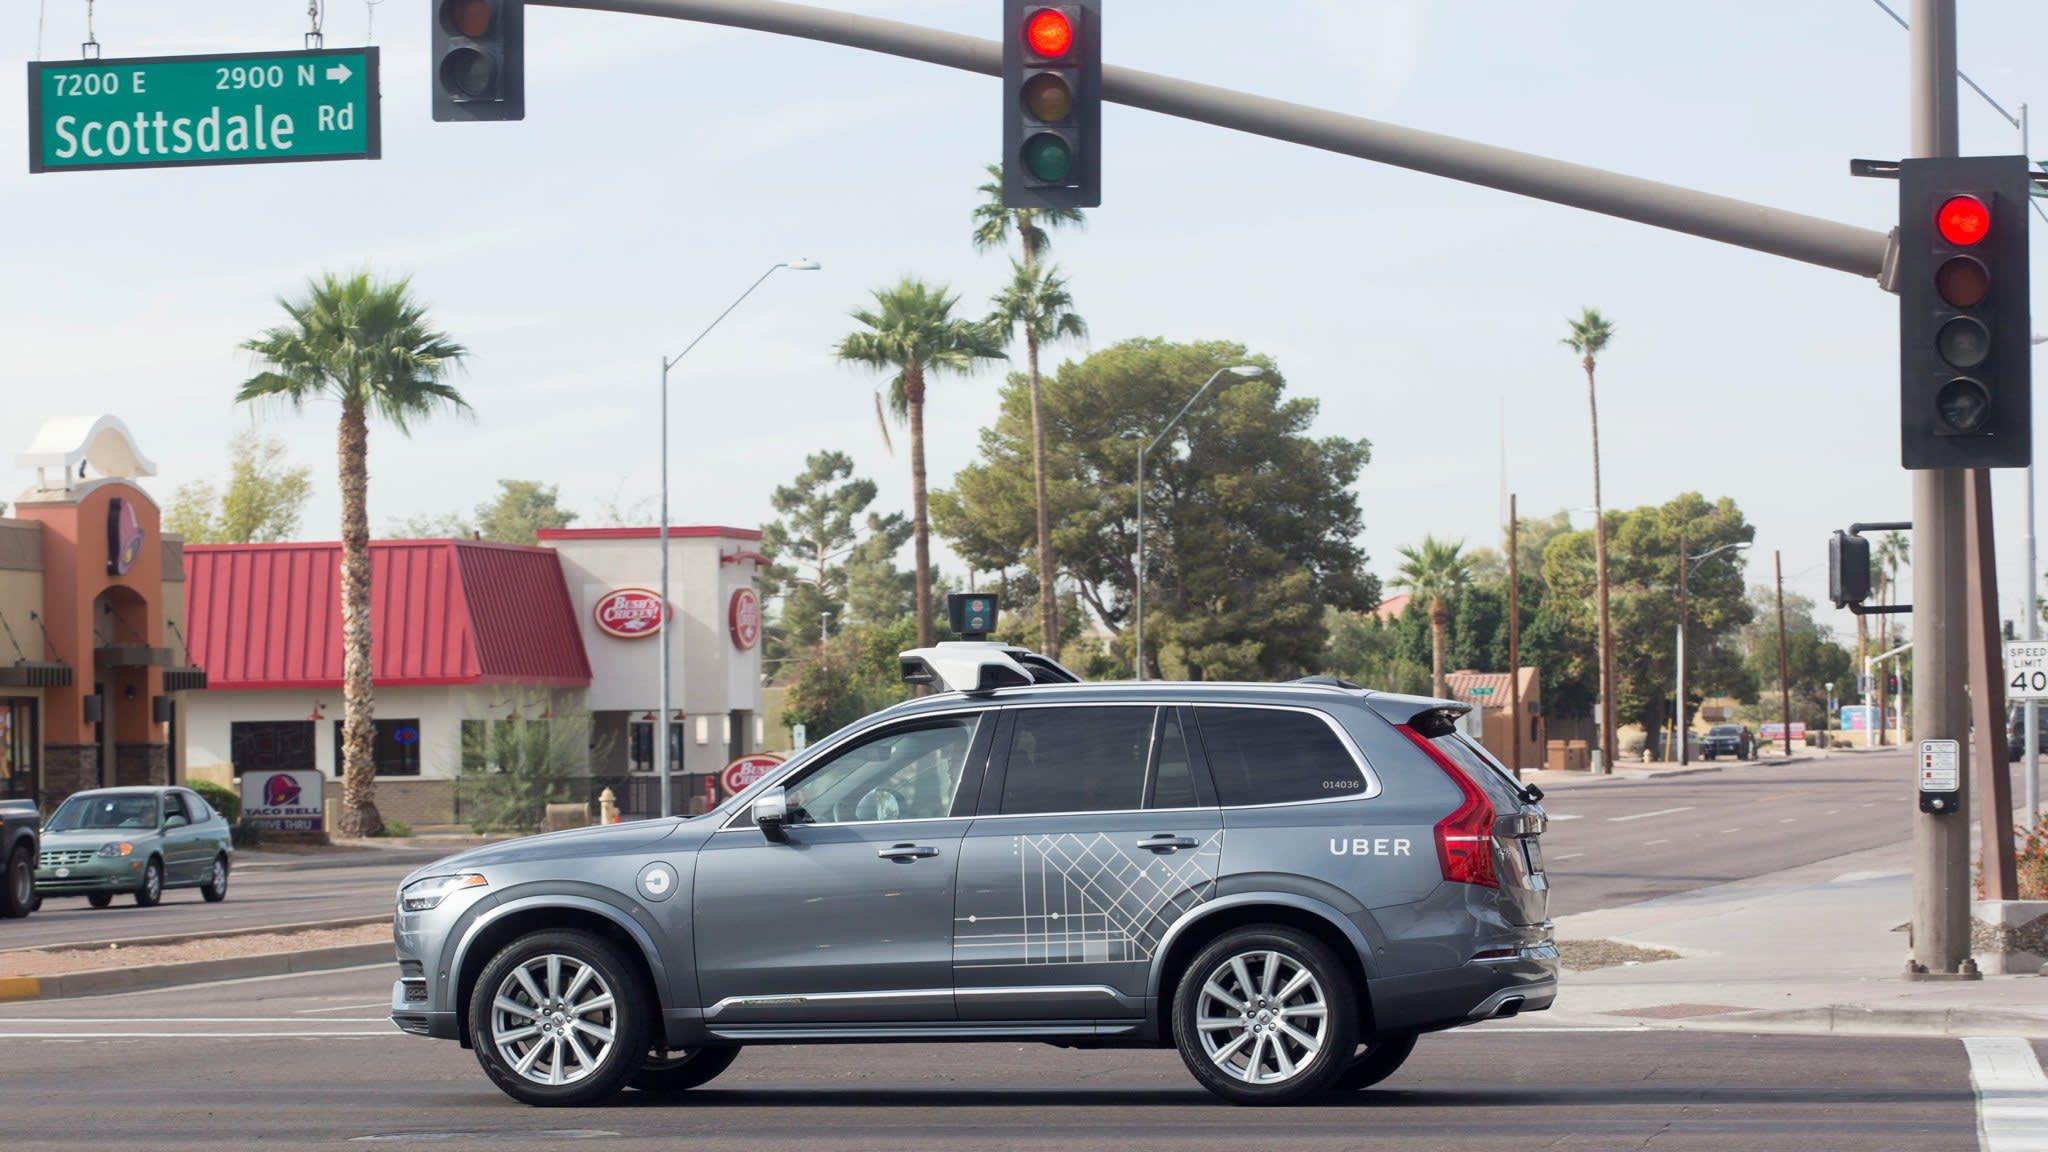 Uber halts self-driving car tests after fatal collision